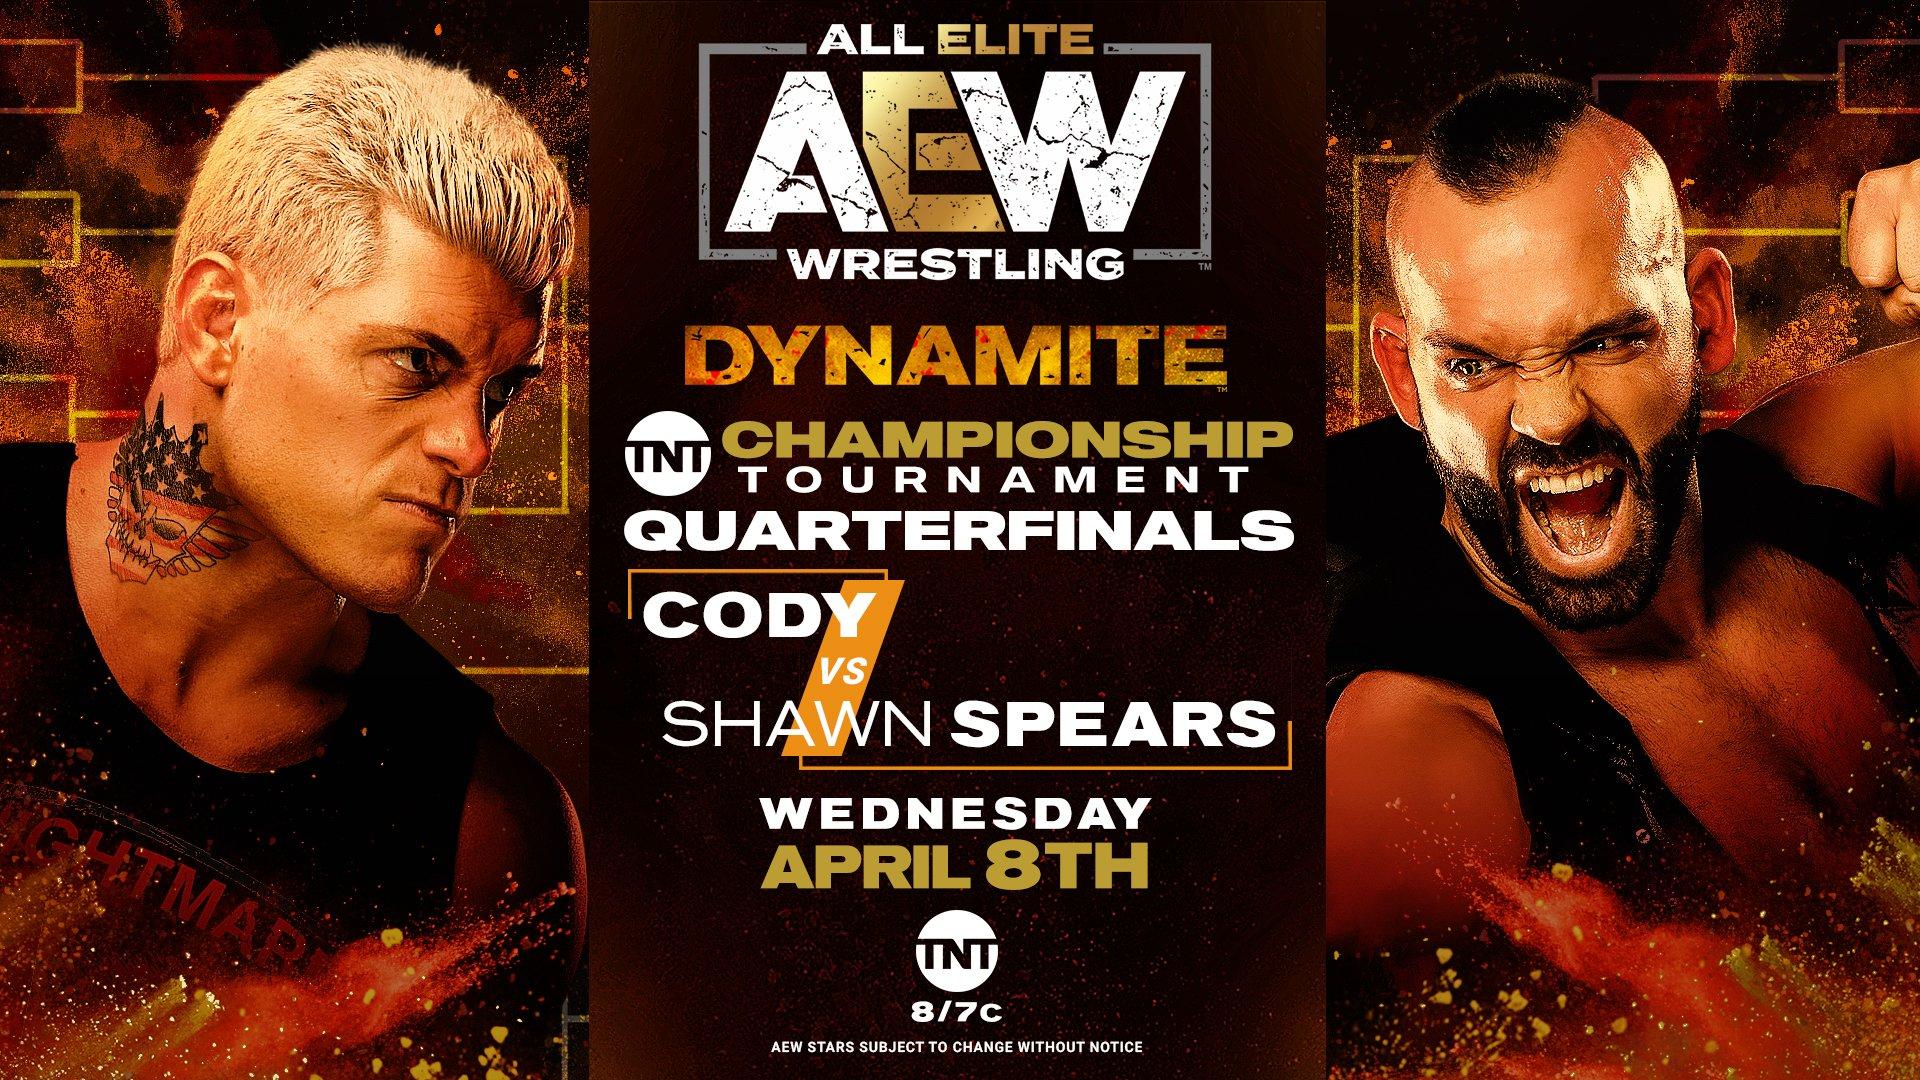 Cody vs Shawn Spears on AEW Dynamite (08/04/2020)